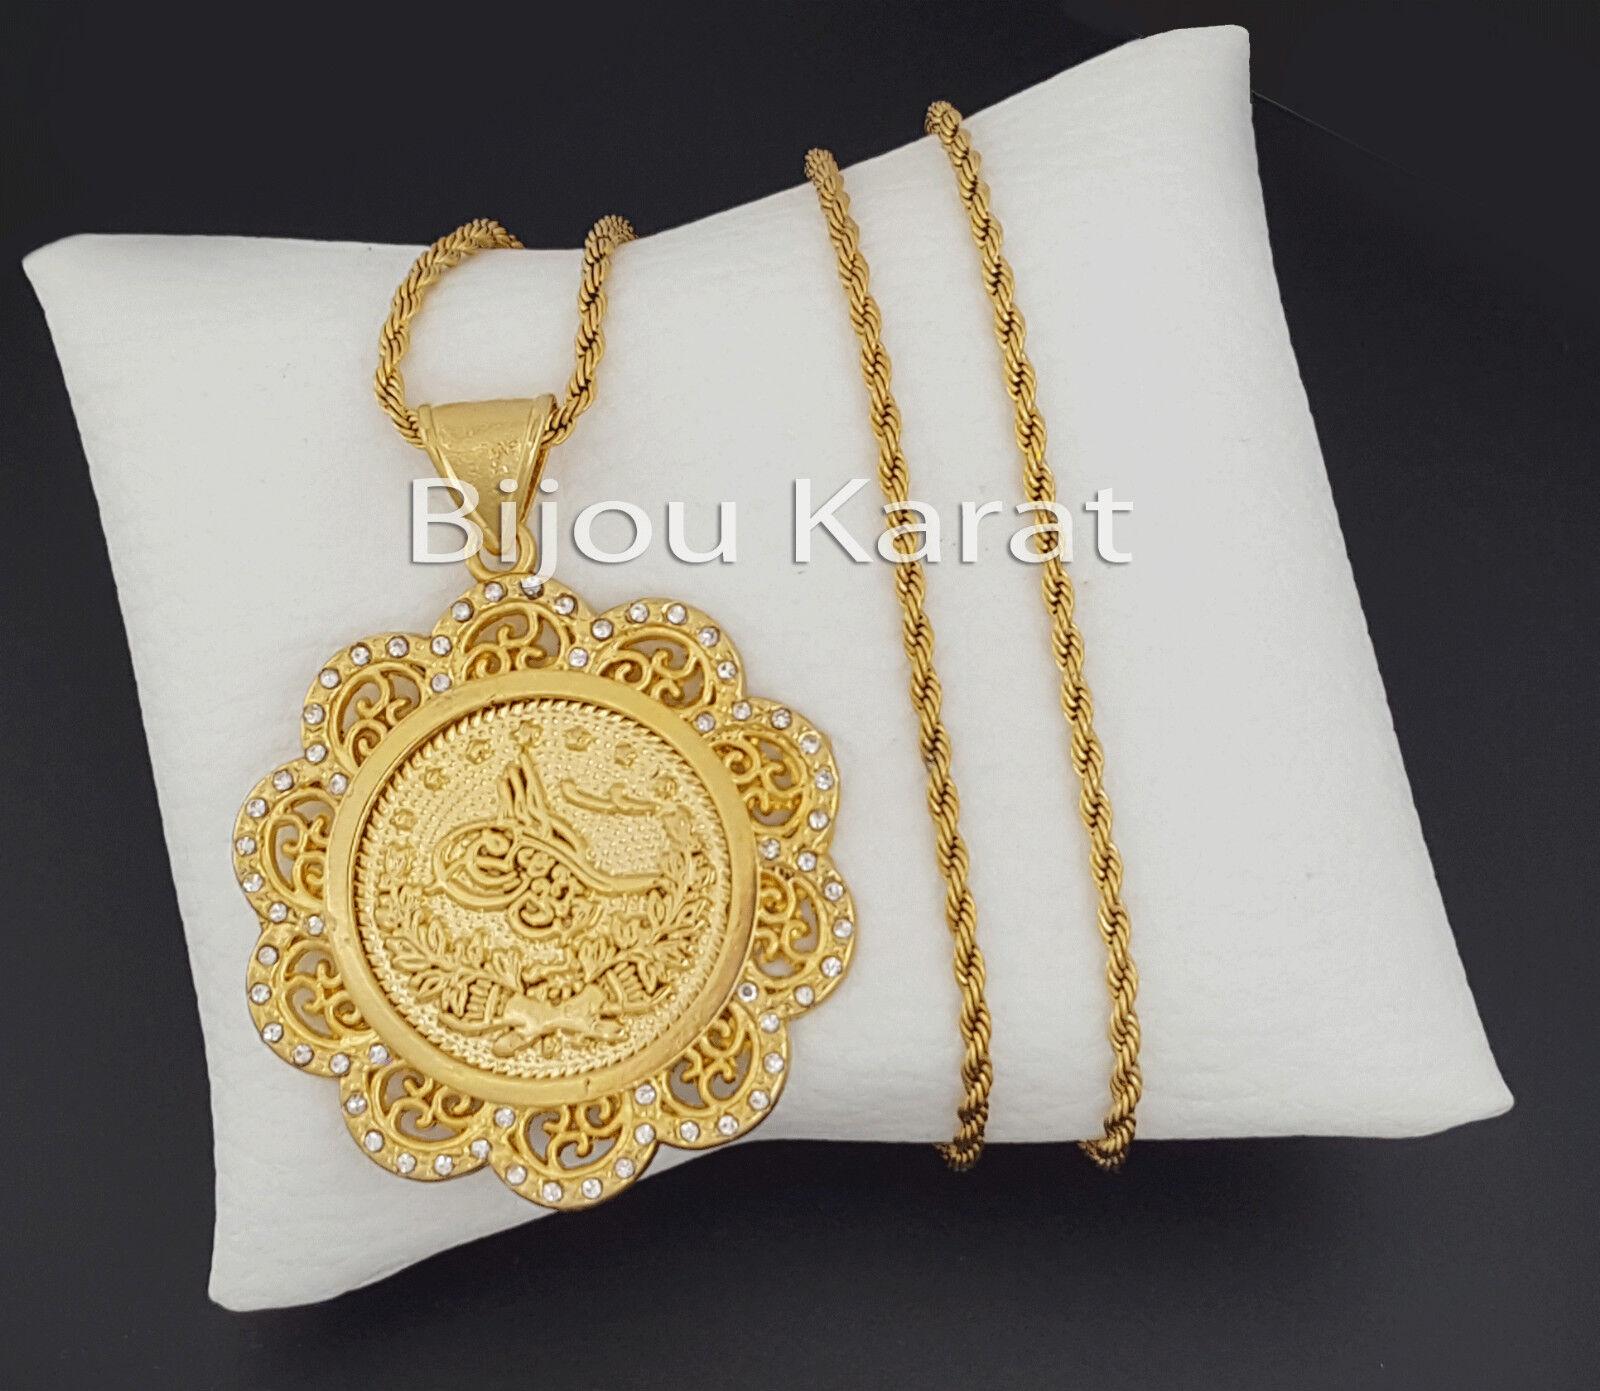 Osmanli Tugra gold Coin Chain 24 Karat GP Altin Kaplama Cumhuriyet altini Kolye